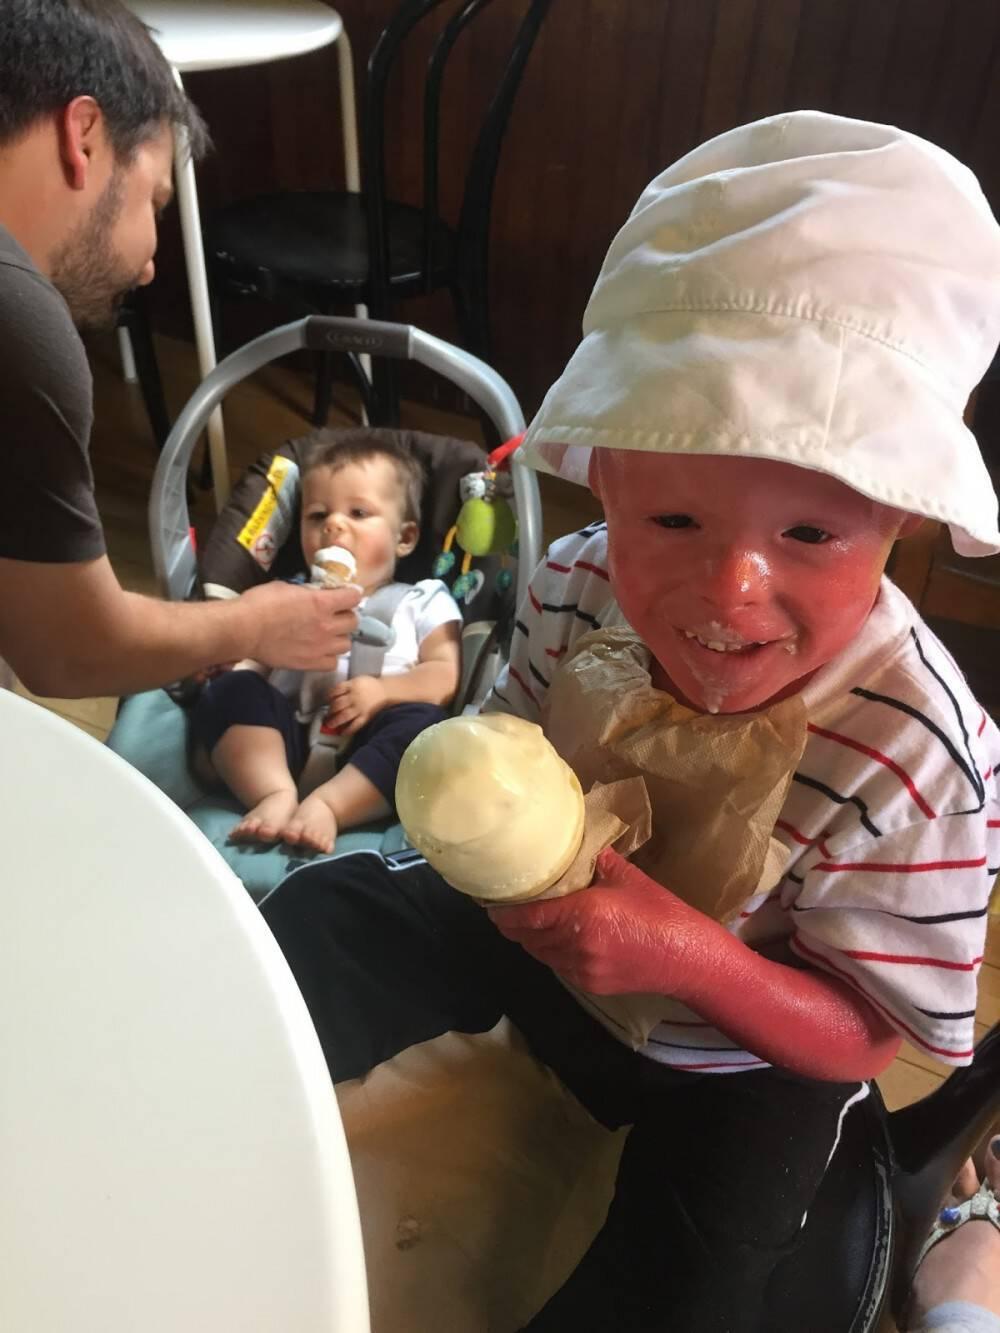 Μωρό γεννιέται με το κορμάκι του καλυμμένο με παχιά λευκά «λέπια». 5 χρόνια μετά, οι γιατροί δεν έχουν ξαναδει πρόσωπο σαν το δικό του.